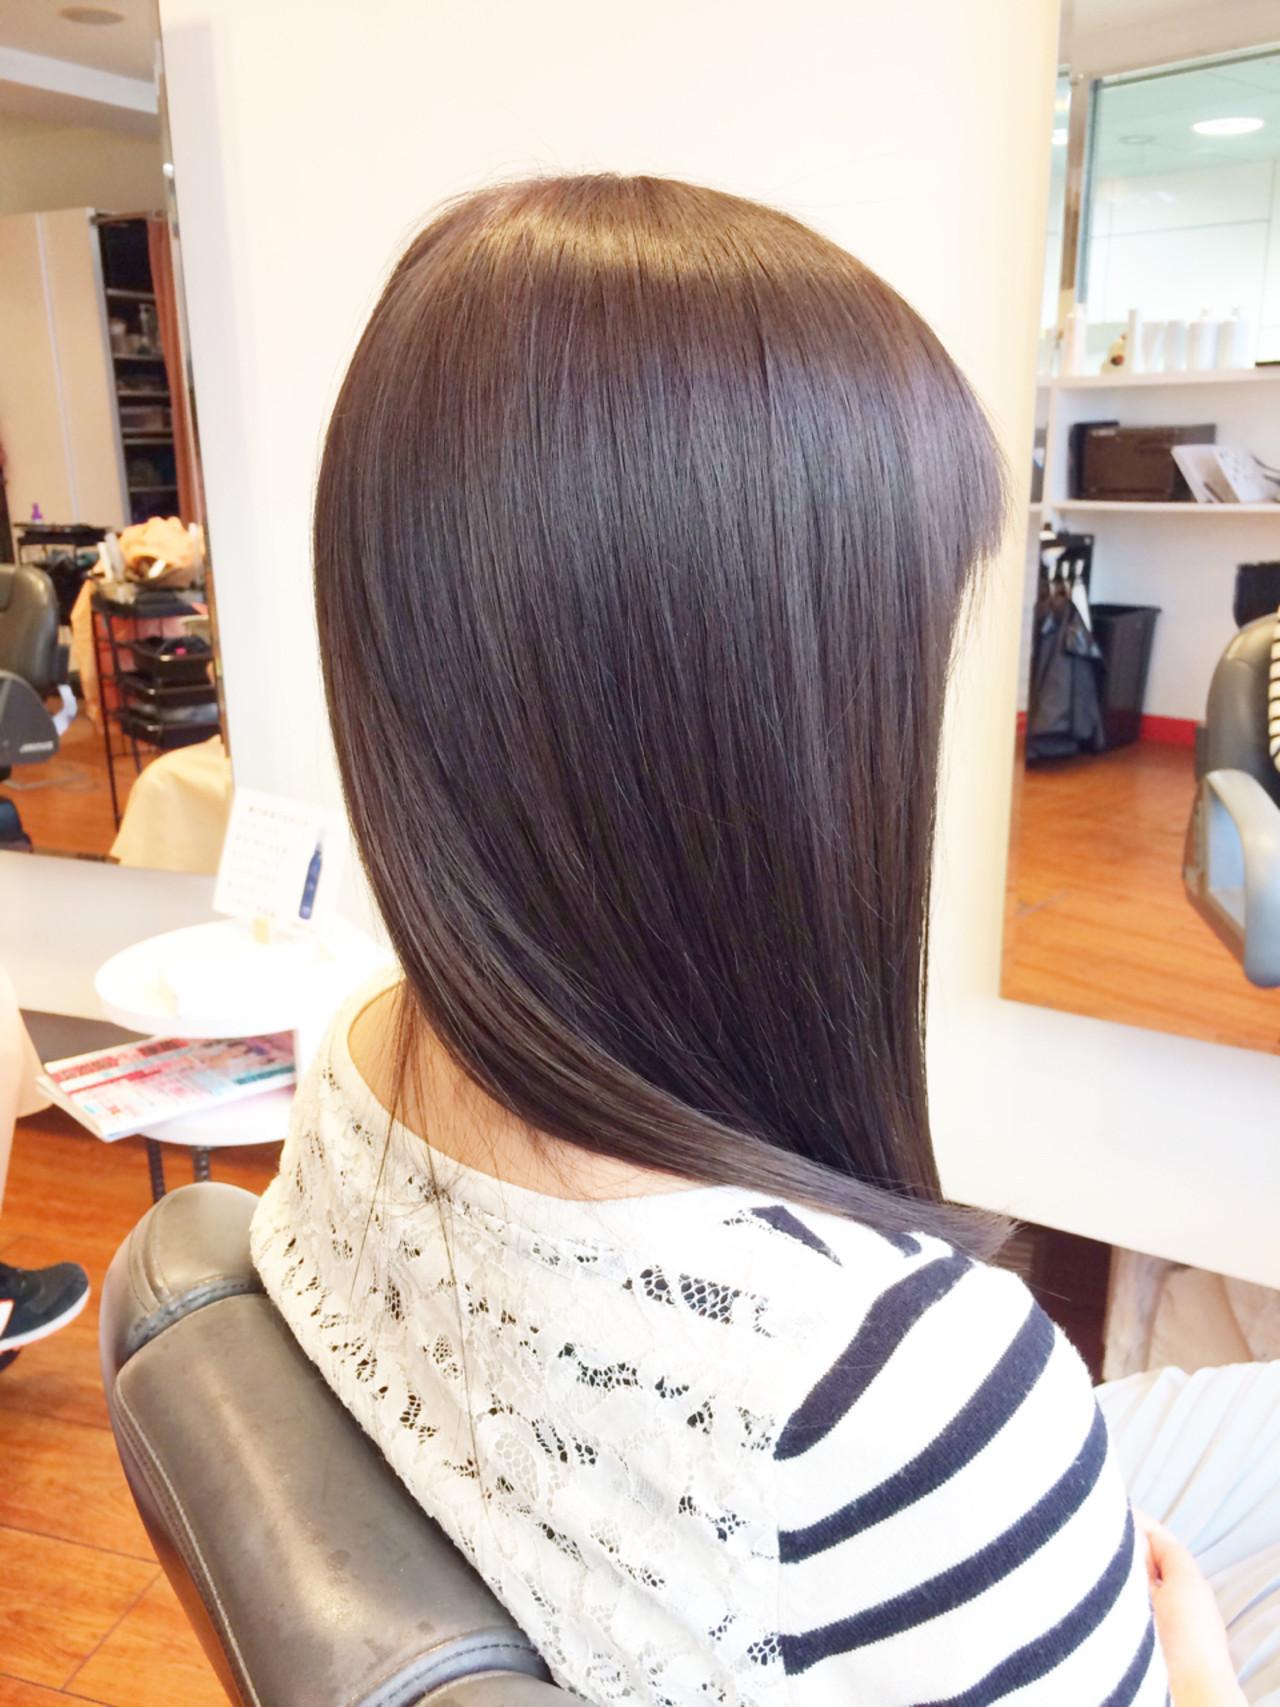 大人女子 アッシュベージュ 艶髪 ストレート ヘアスタイルや髪型の写真・画像